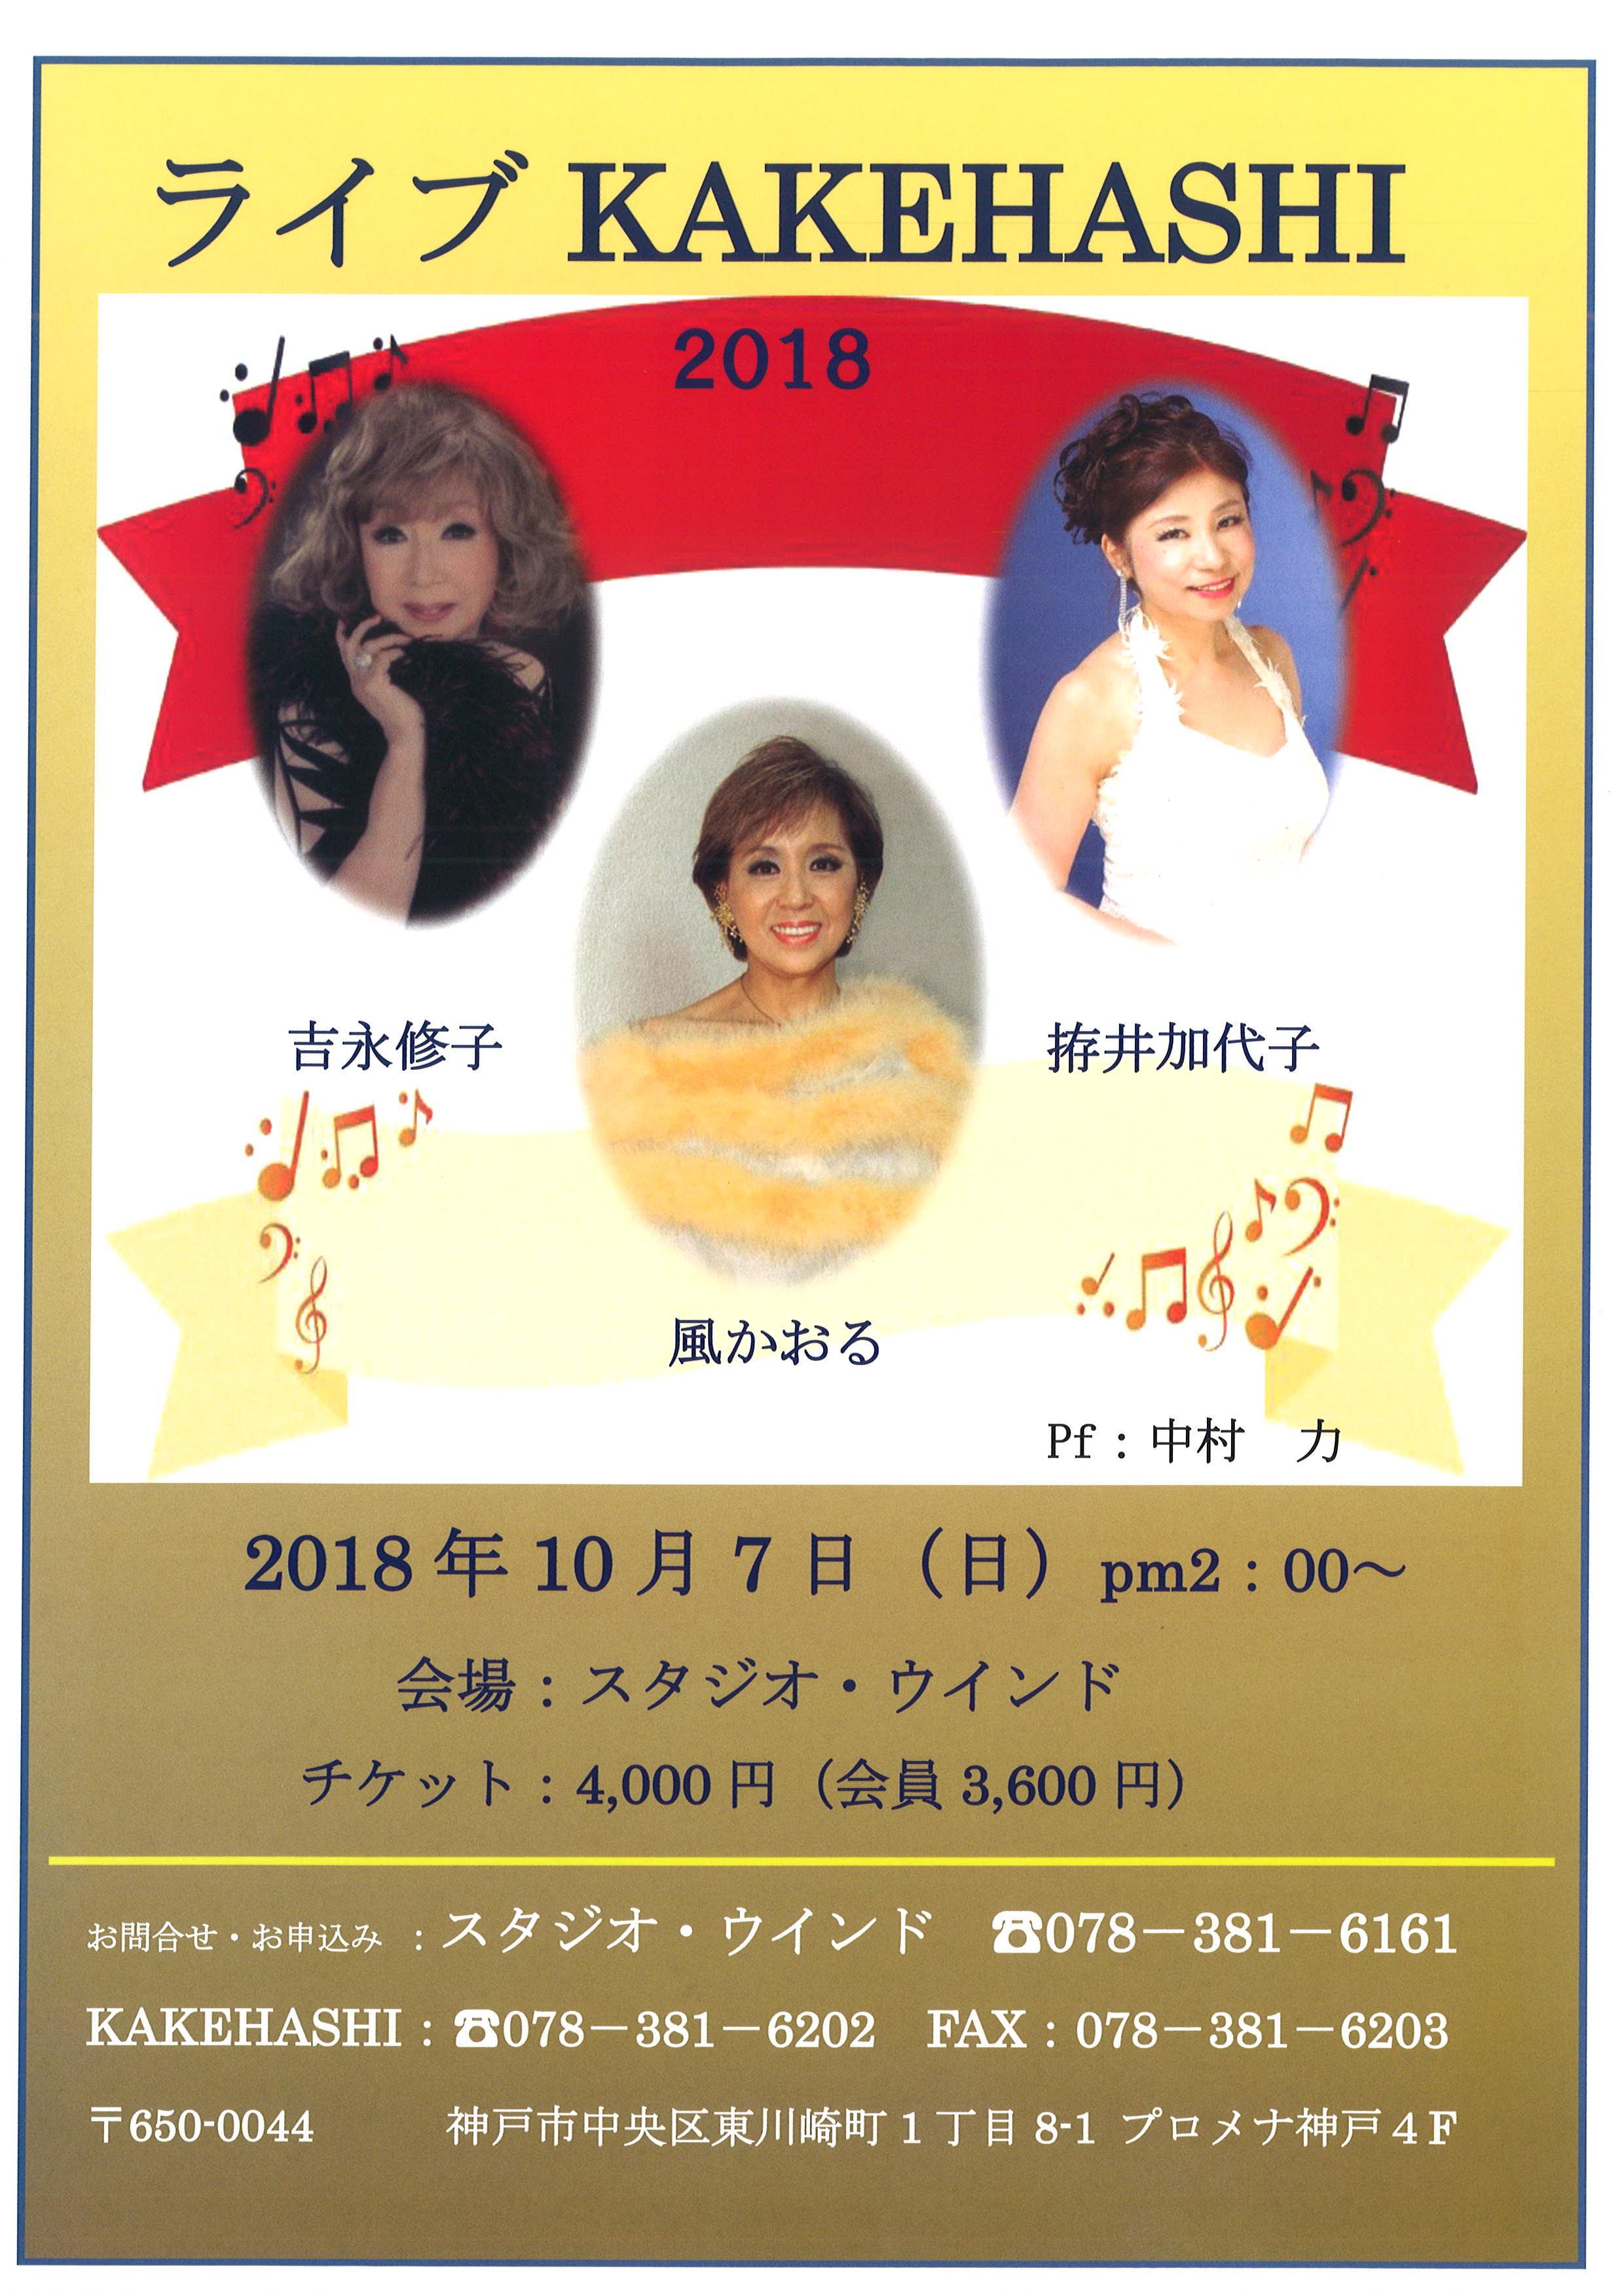 ライブKAKEHASHI 2018.jpg